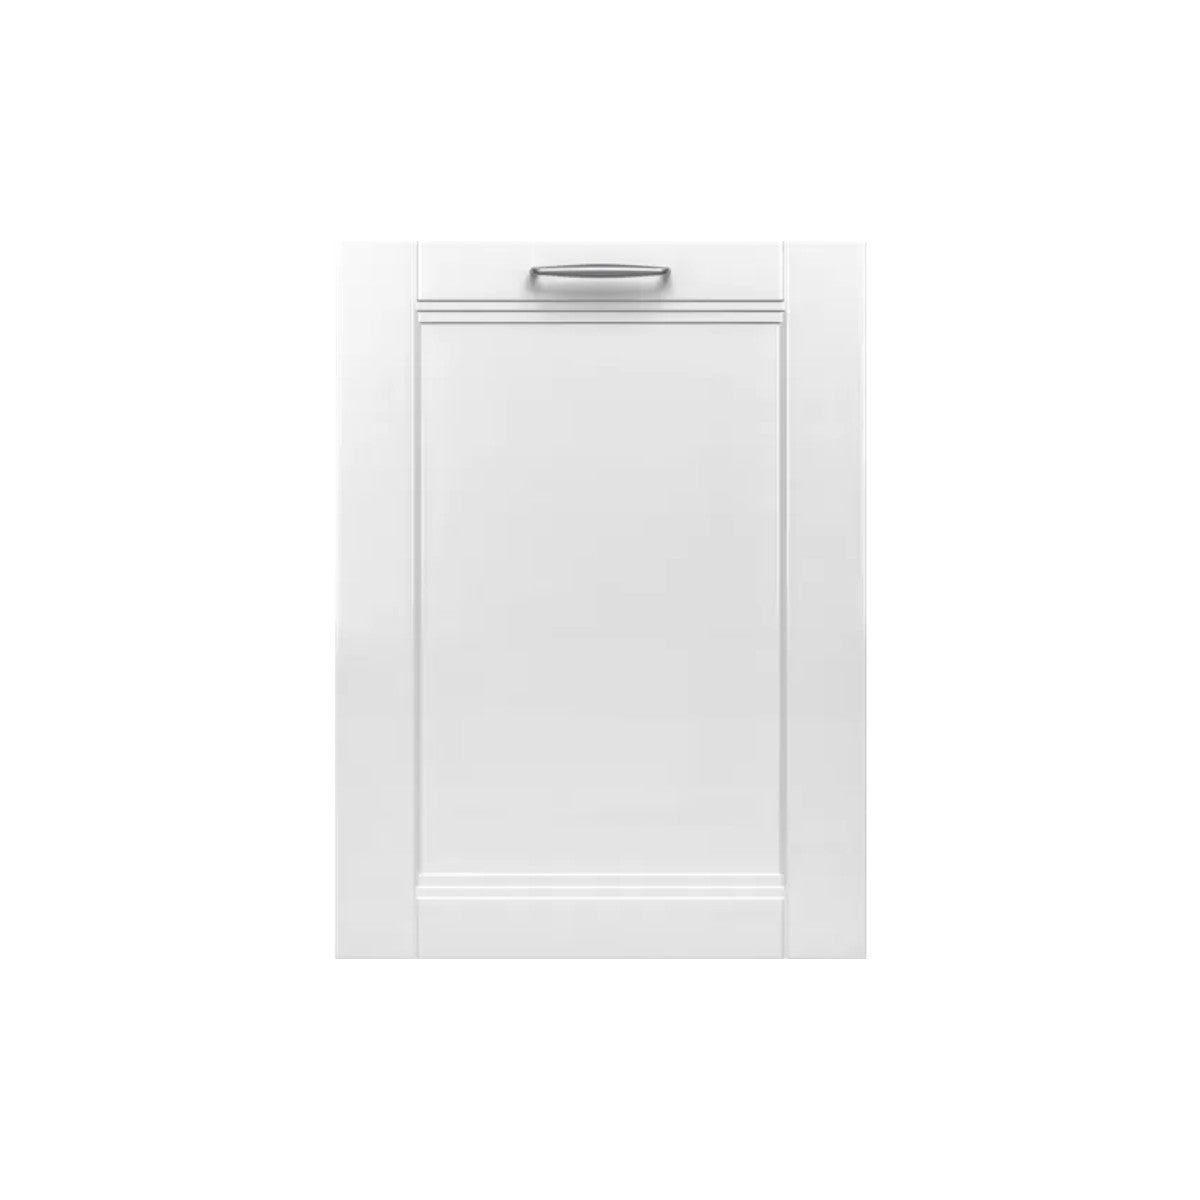 Best-Dishwashers-Option-Bosch-300-Series-DLX1